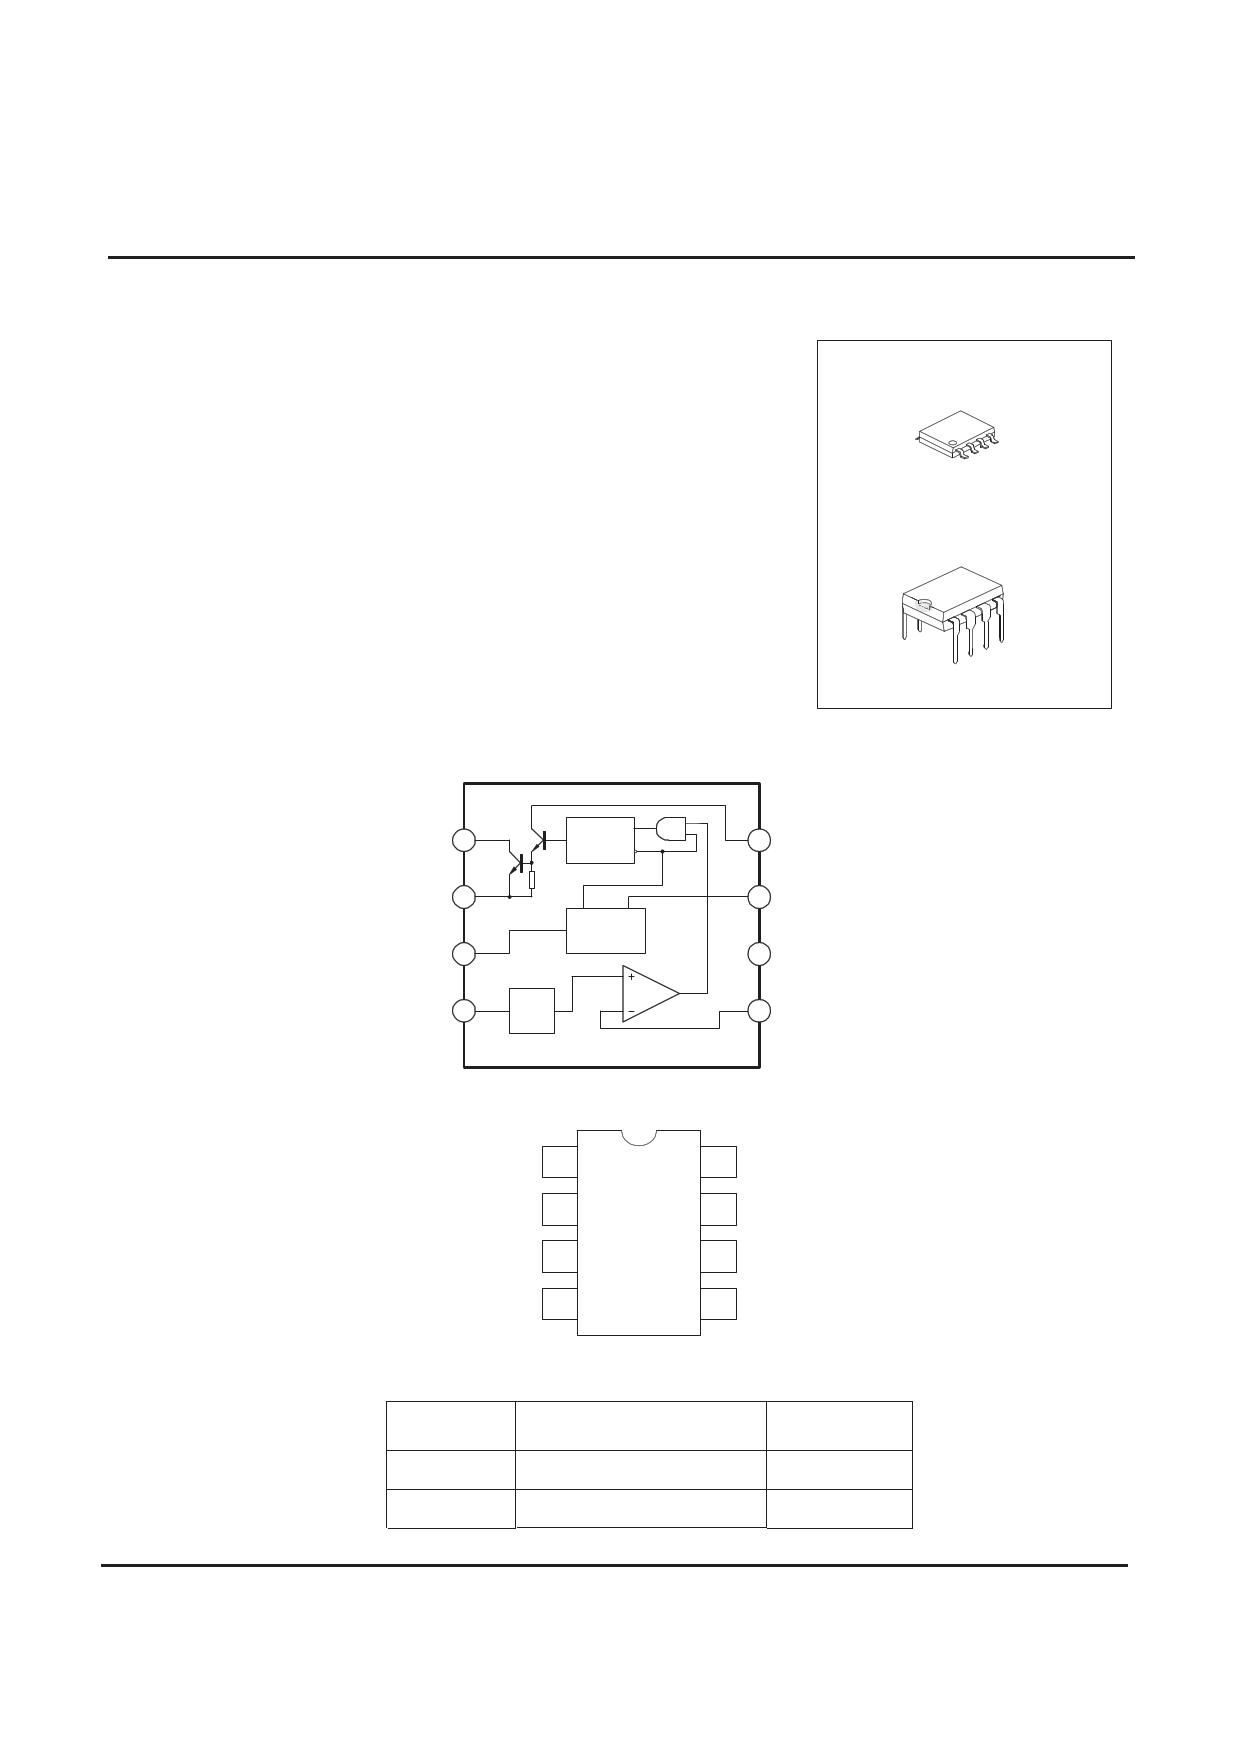 TD34063 Datenblatt PDF